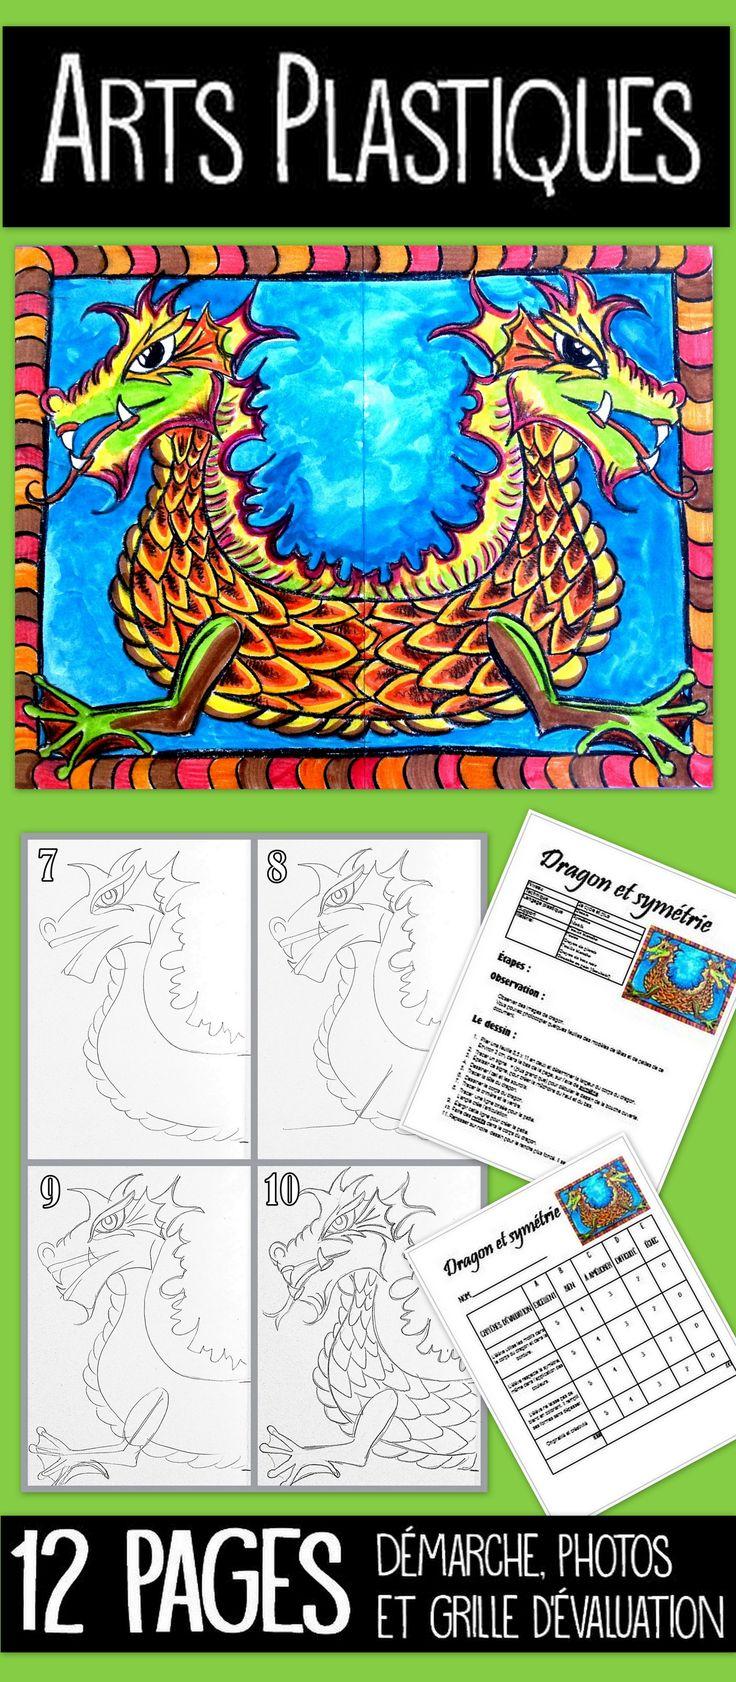 Intégrer les mathématiques aux arts ? Pourquoi pas !  Travaillons la notion de symétrie avec ce projet pour le 2e cycle et plus. Très intéressant pour le secondaire également.  Vous aurez besoin de crayon de bois noir et de crayon de plomb. Une simple feuille de photocopieuse peut servir de support. Les enfants s'émerveillent de réussir une symétrie aussi parfaite. Soyez assuré que la notion sera acquise. Démarche complète avec photos et grille d'évaluation comprise.